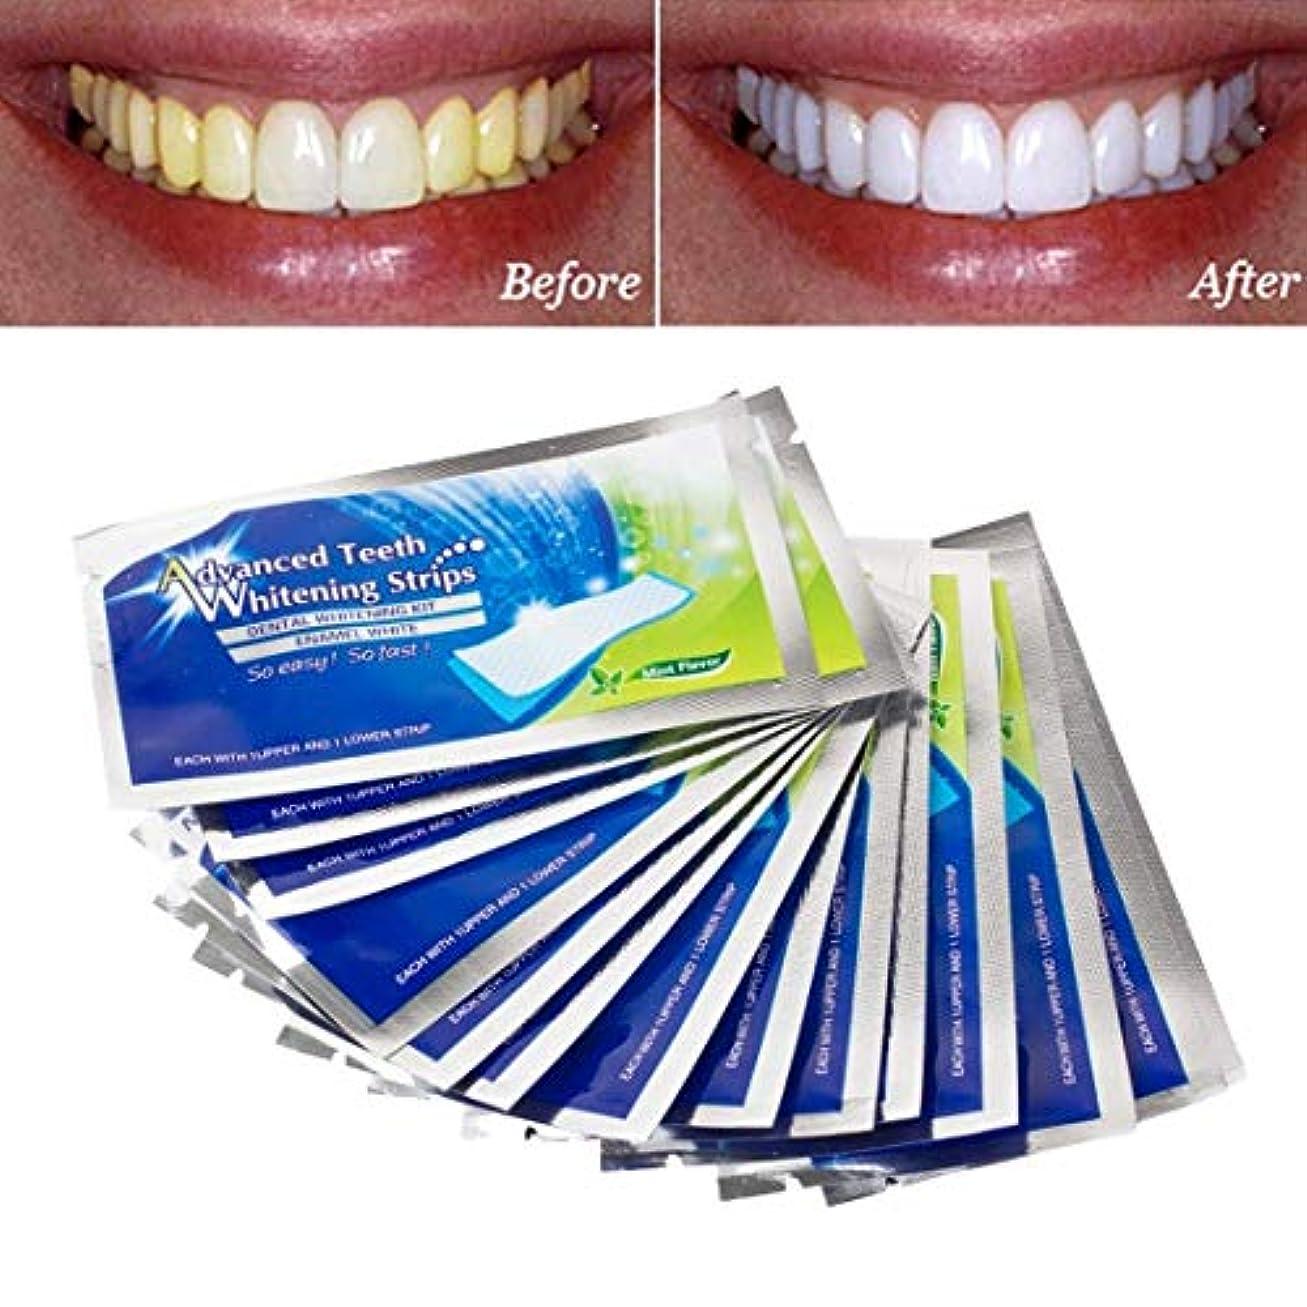 インストール医学整然としたストリップホワイトニングキット/ 14 PCSアドバンスト効果的な歯科ホワイトニングキットミントフレーバーの歯を白くするツール/歯のクリーニング歯